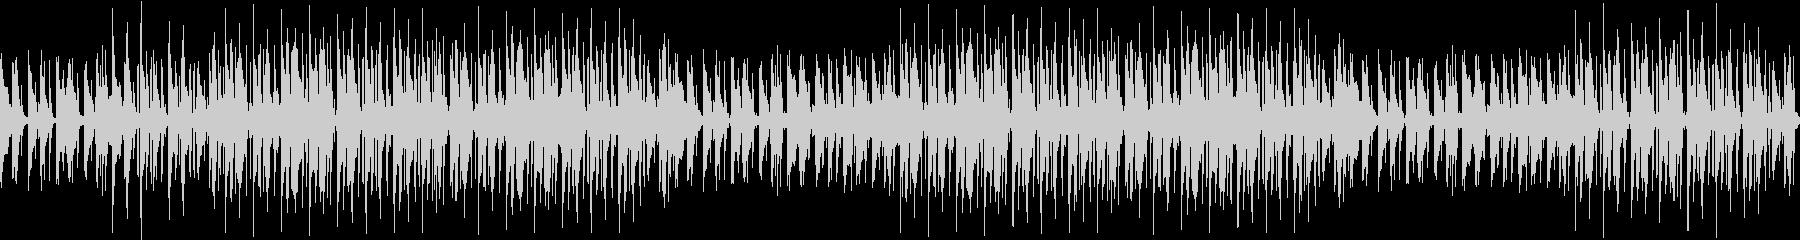 クール・お洒落・ギター・ピアノ・BGMの未再生の波形